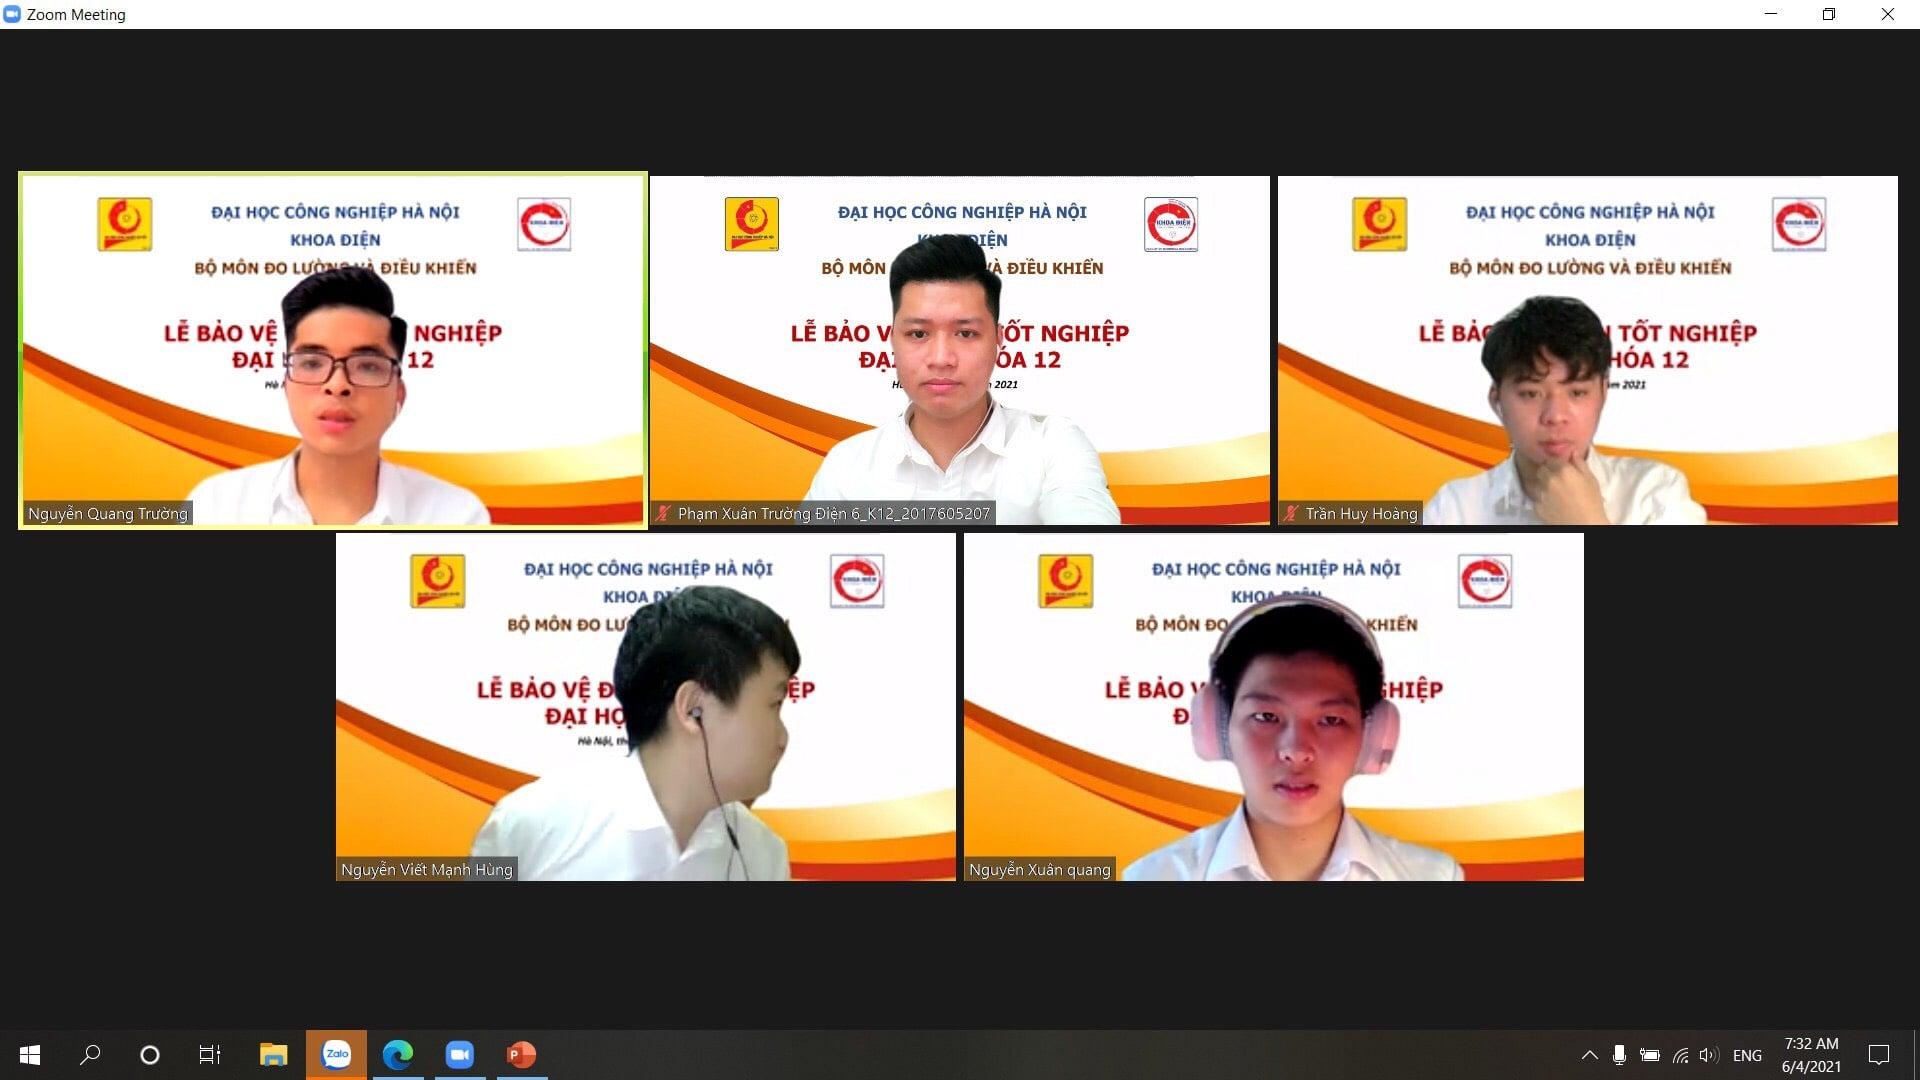 Khoa điện tổ chức thành công tuần lễ bảo vệ ĐATN cho sinh viên Đại học chính quy K12 bằng hình thức trực tuyến